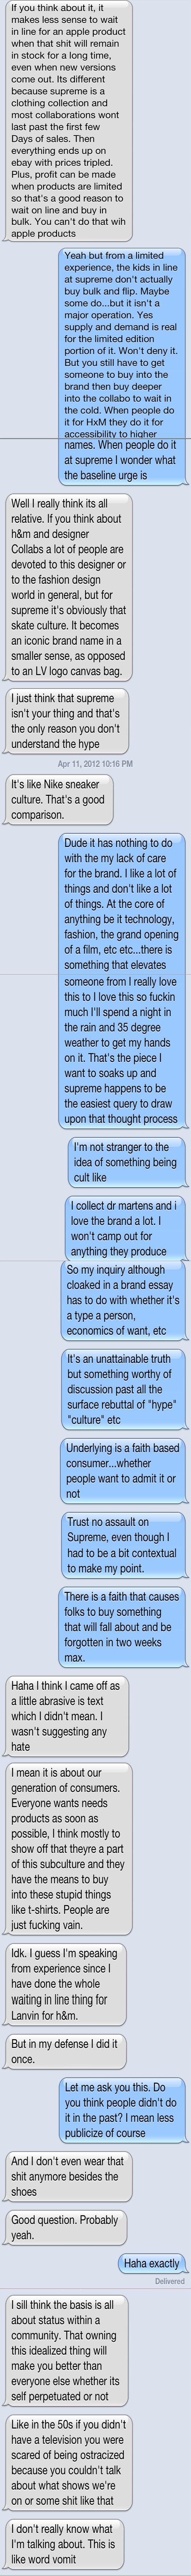 Text Conversation about Supreme Essay